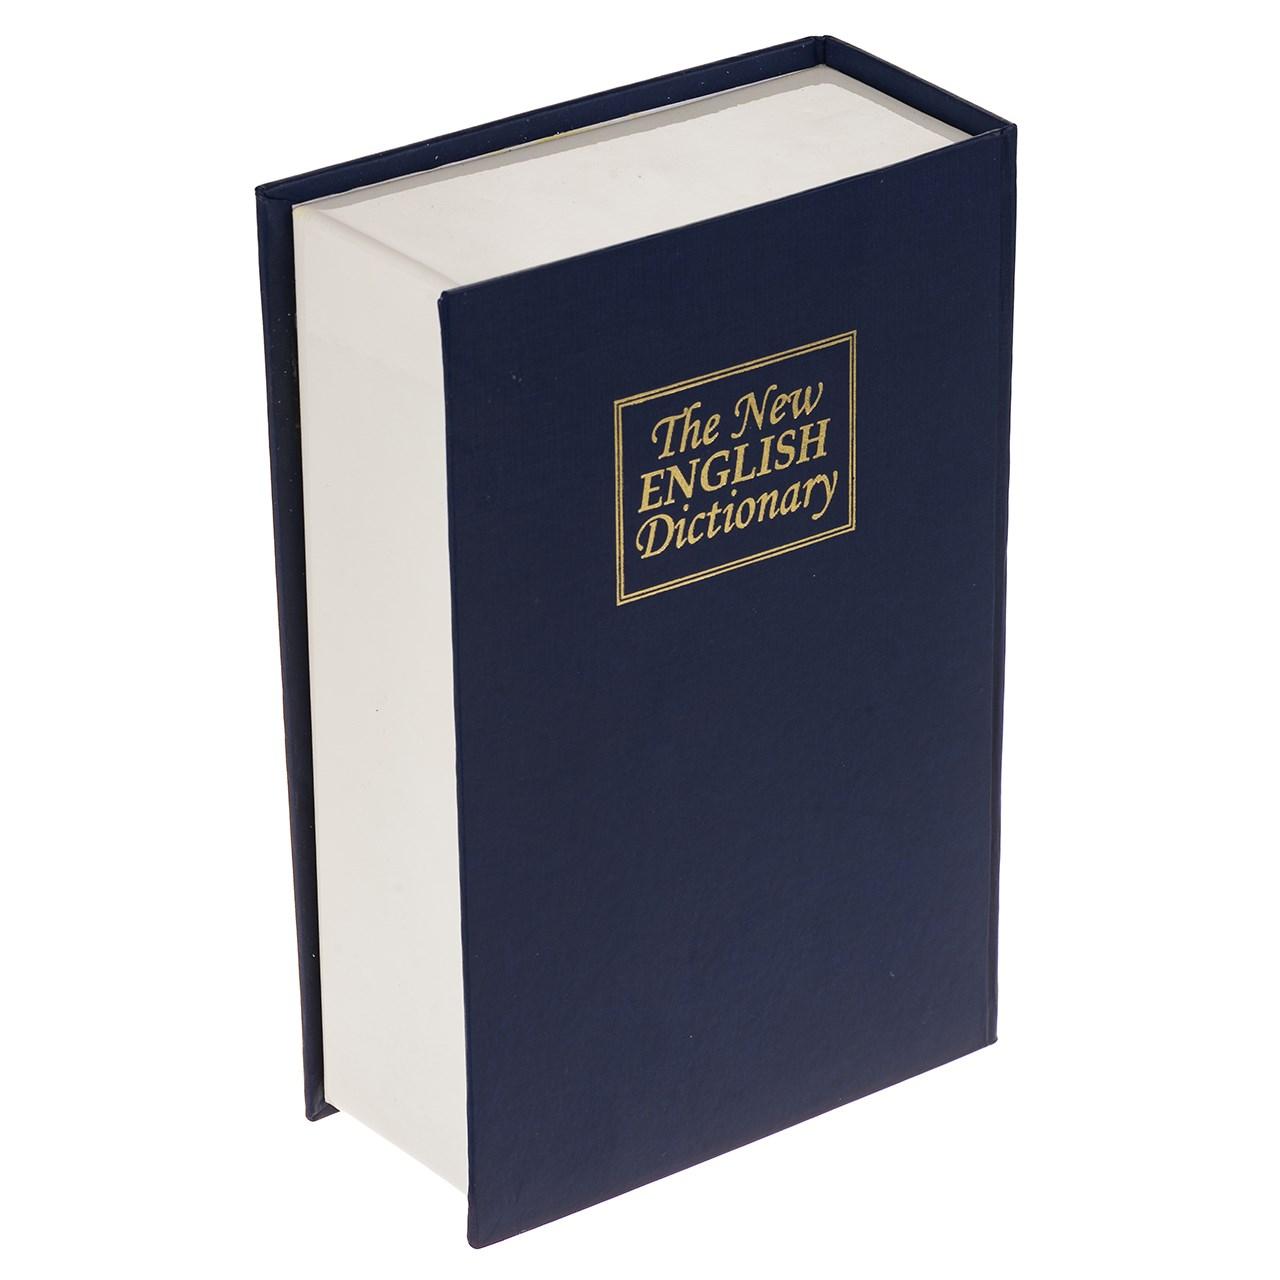 صندوق کتابی امن سدید مدل English Dictionary قفل رمزدار